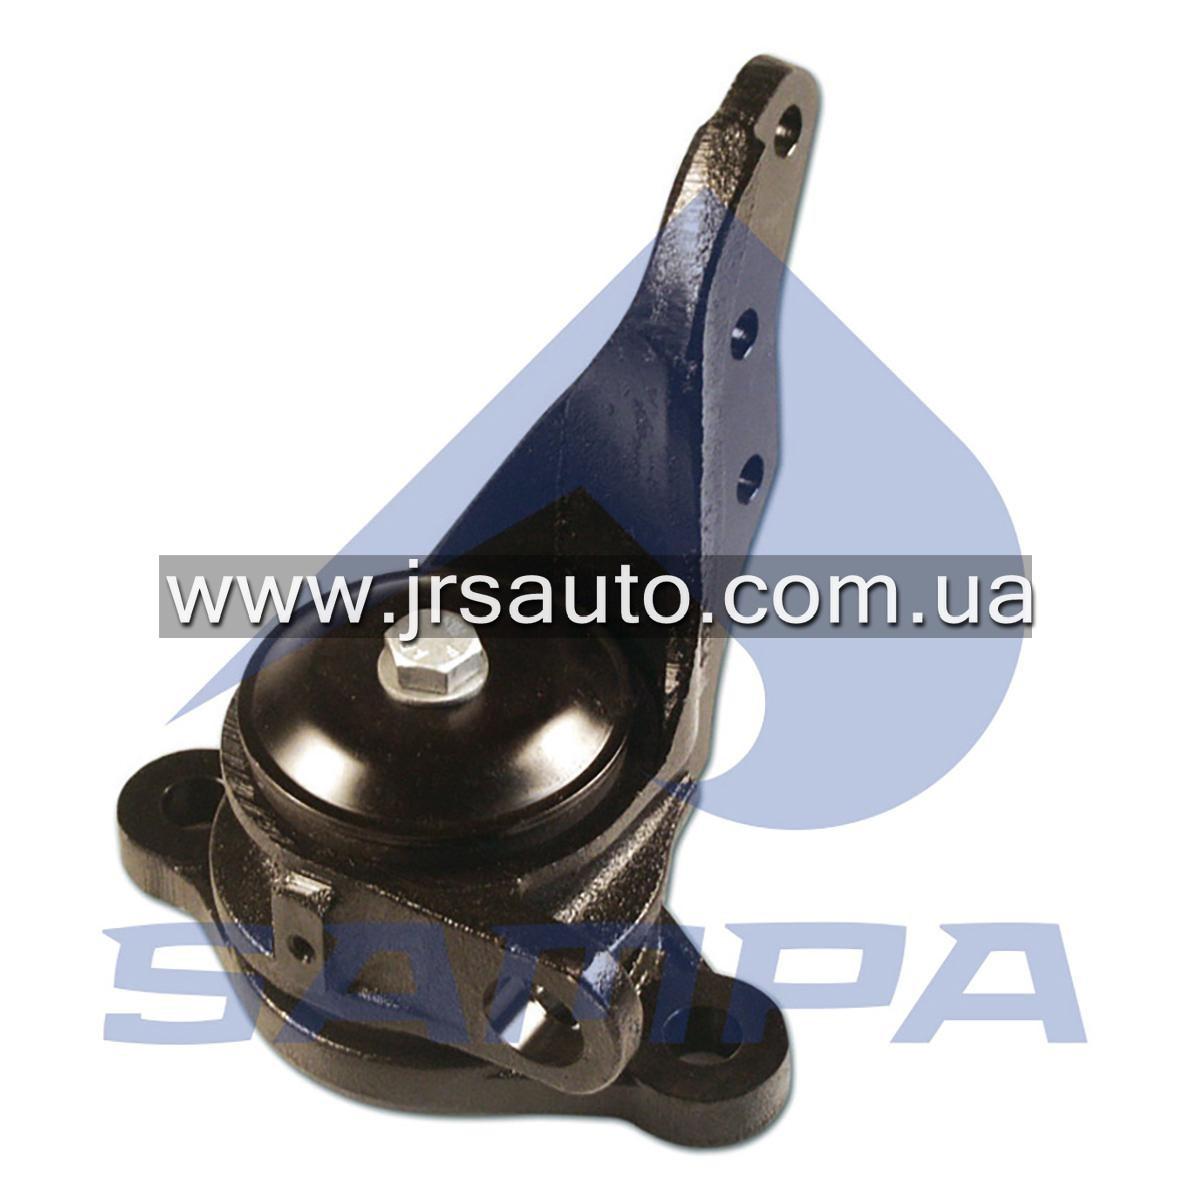 Подрамник двигателя правый передняя Renault Premium (d20/160x106) \5010316592 \ 080.163